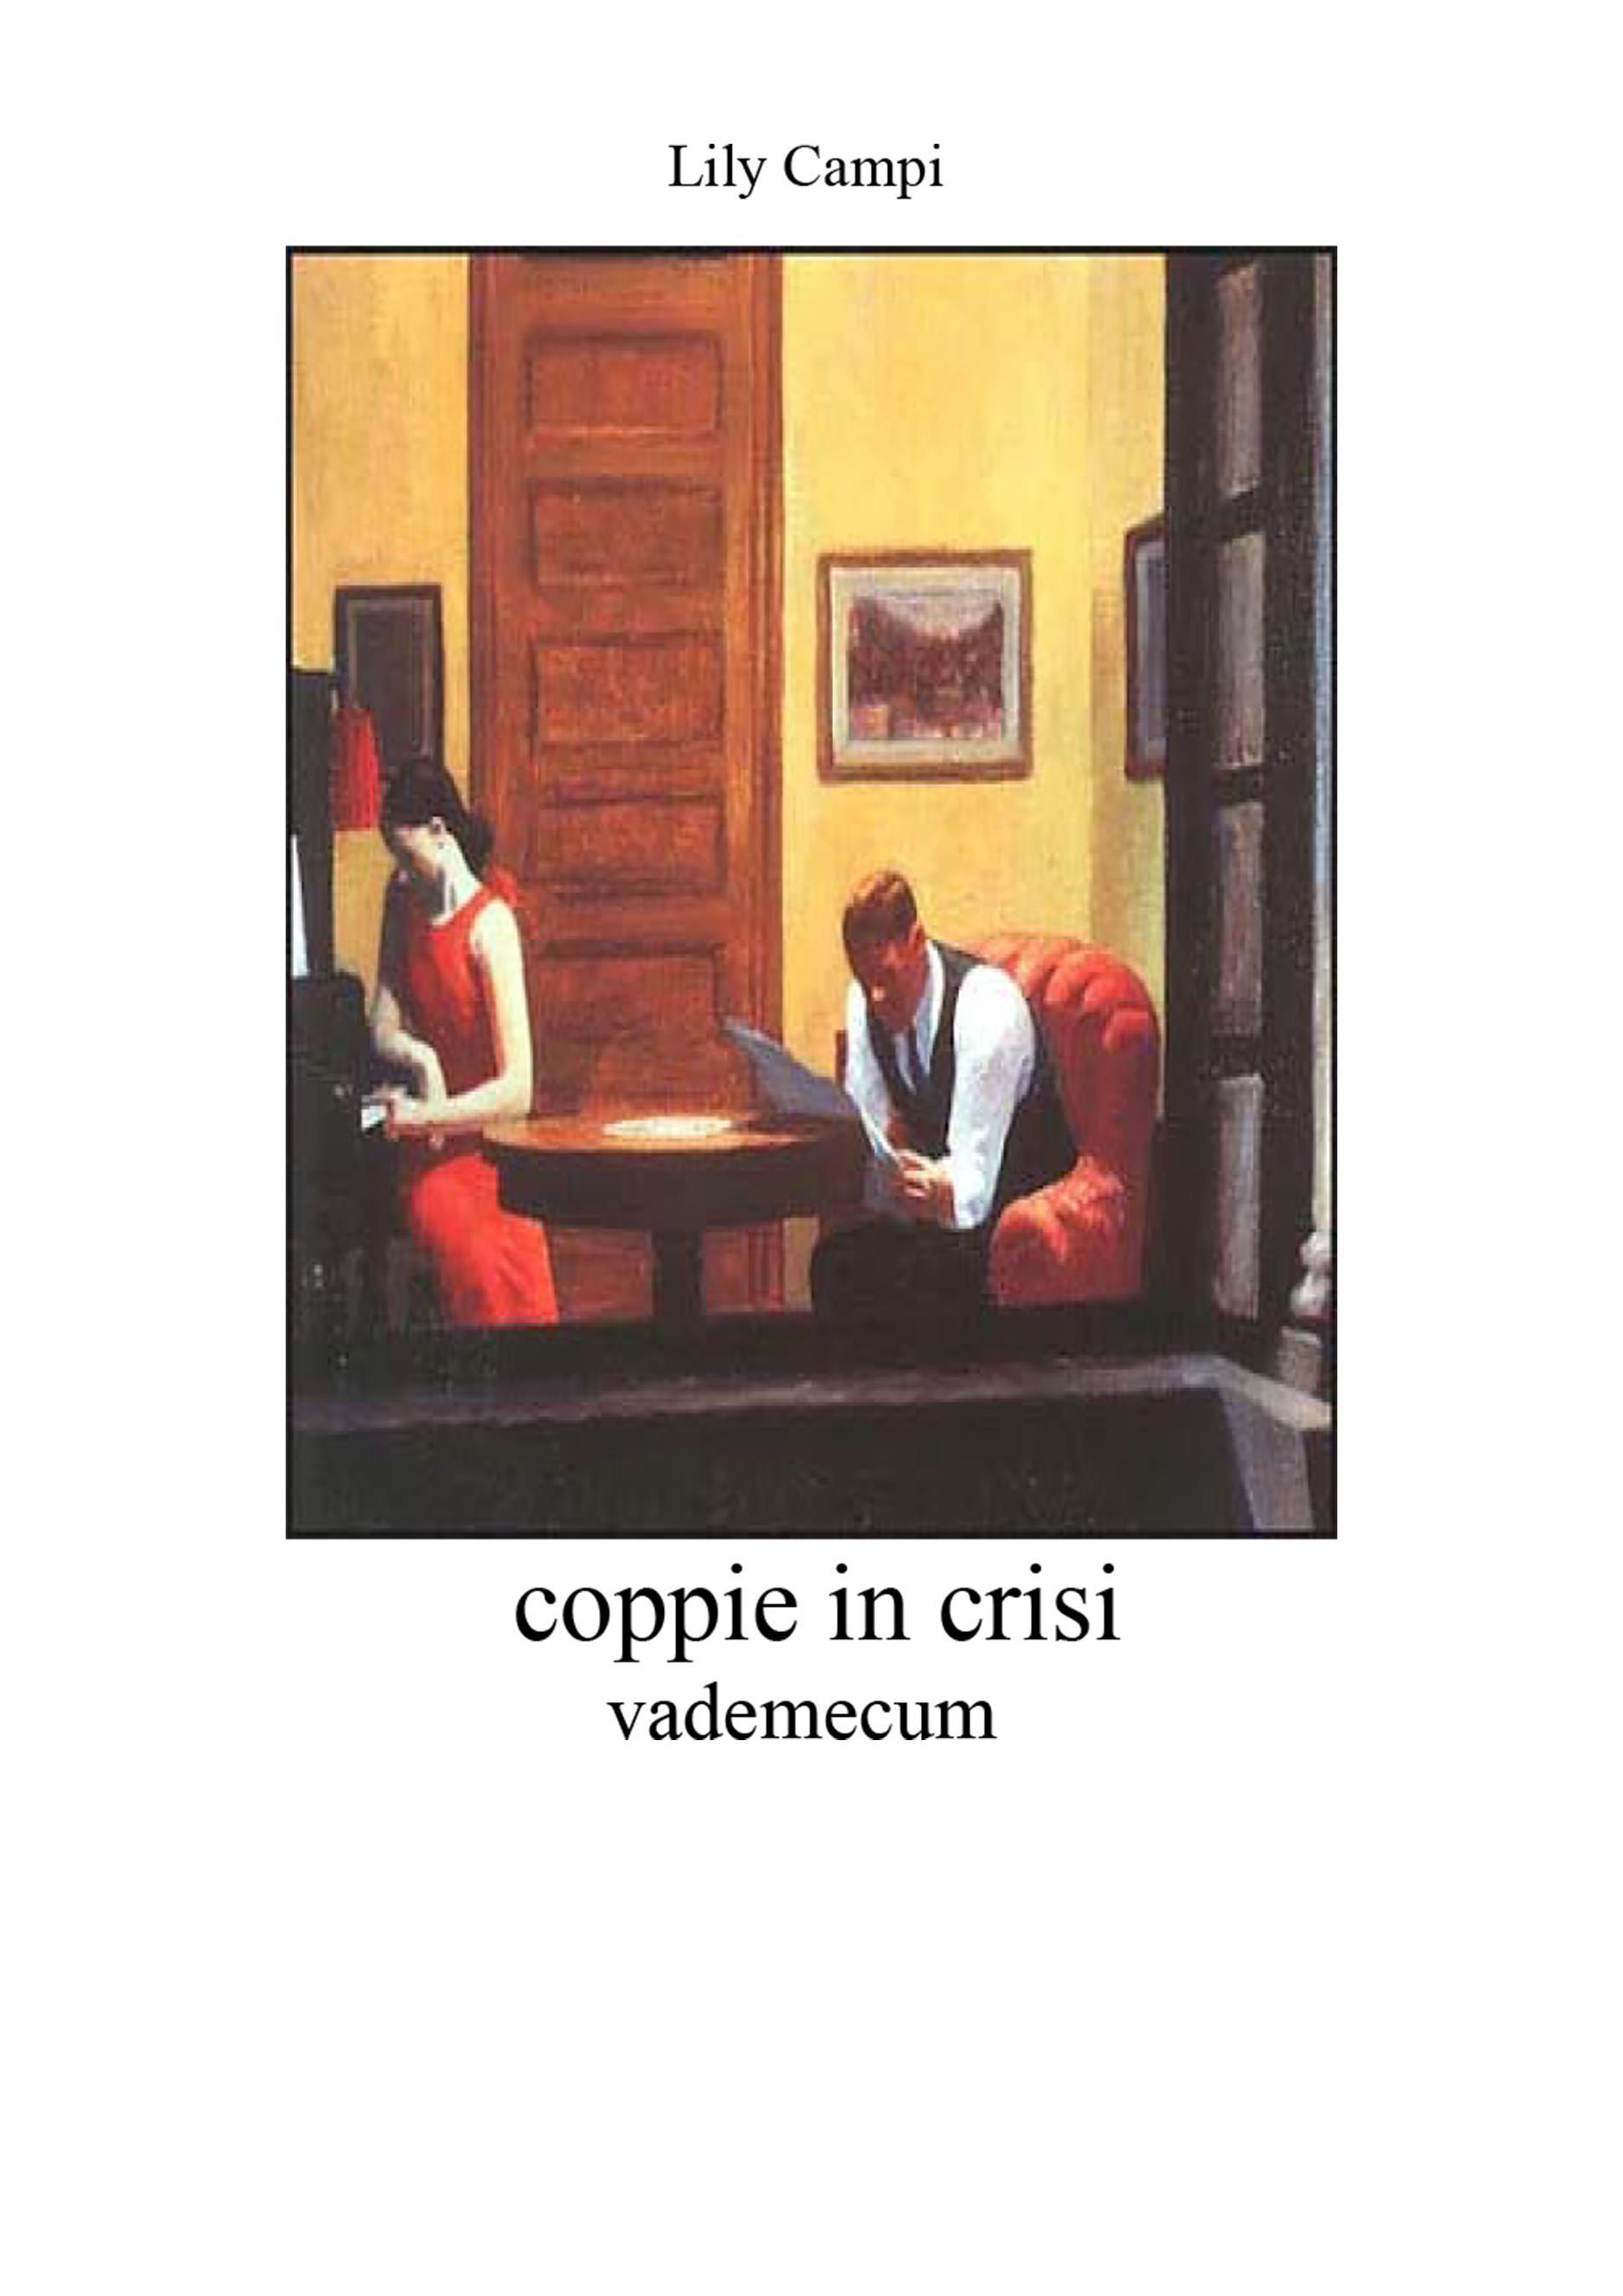 Coppie in crisi - Vademecum